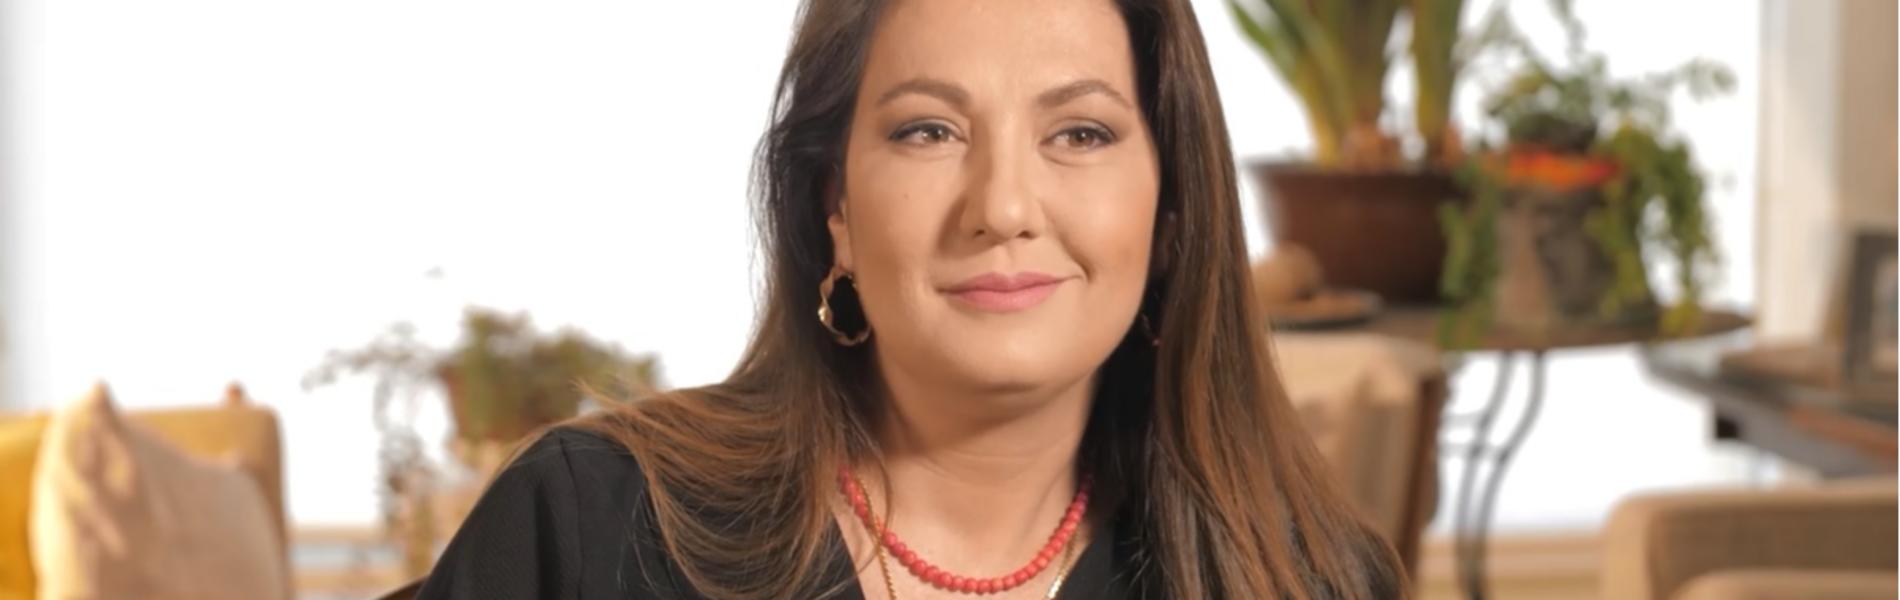 לשנות לאנשים את החיים לטובה: הדרך של ליאורה הולנדר